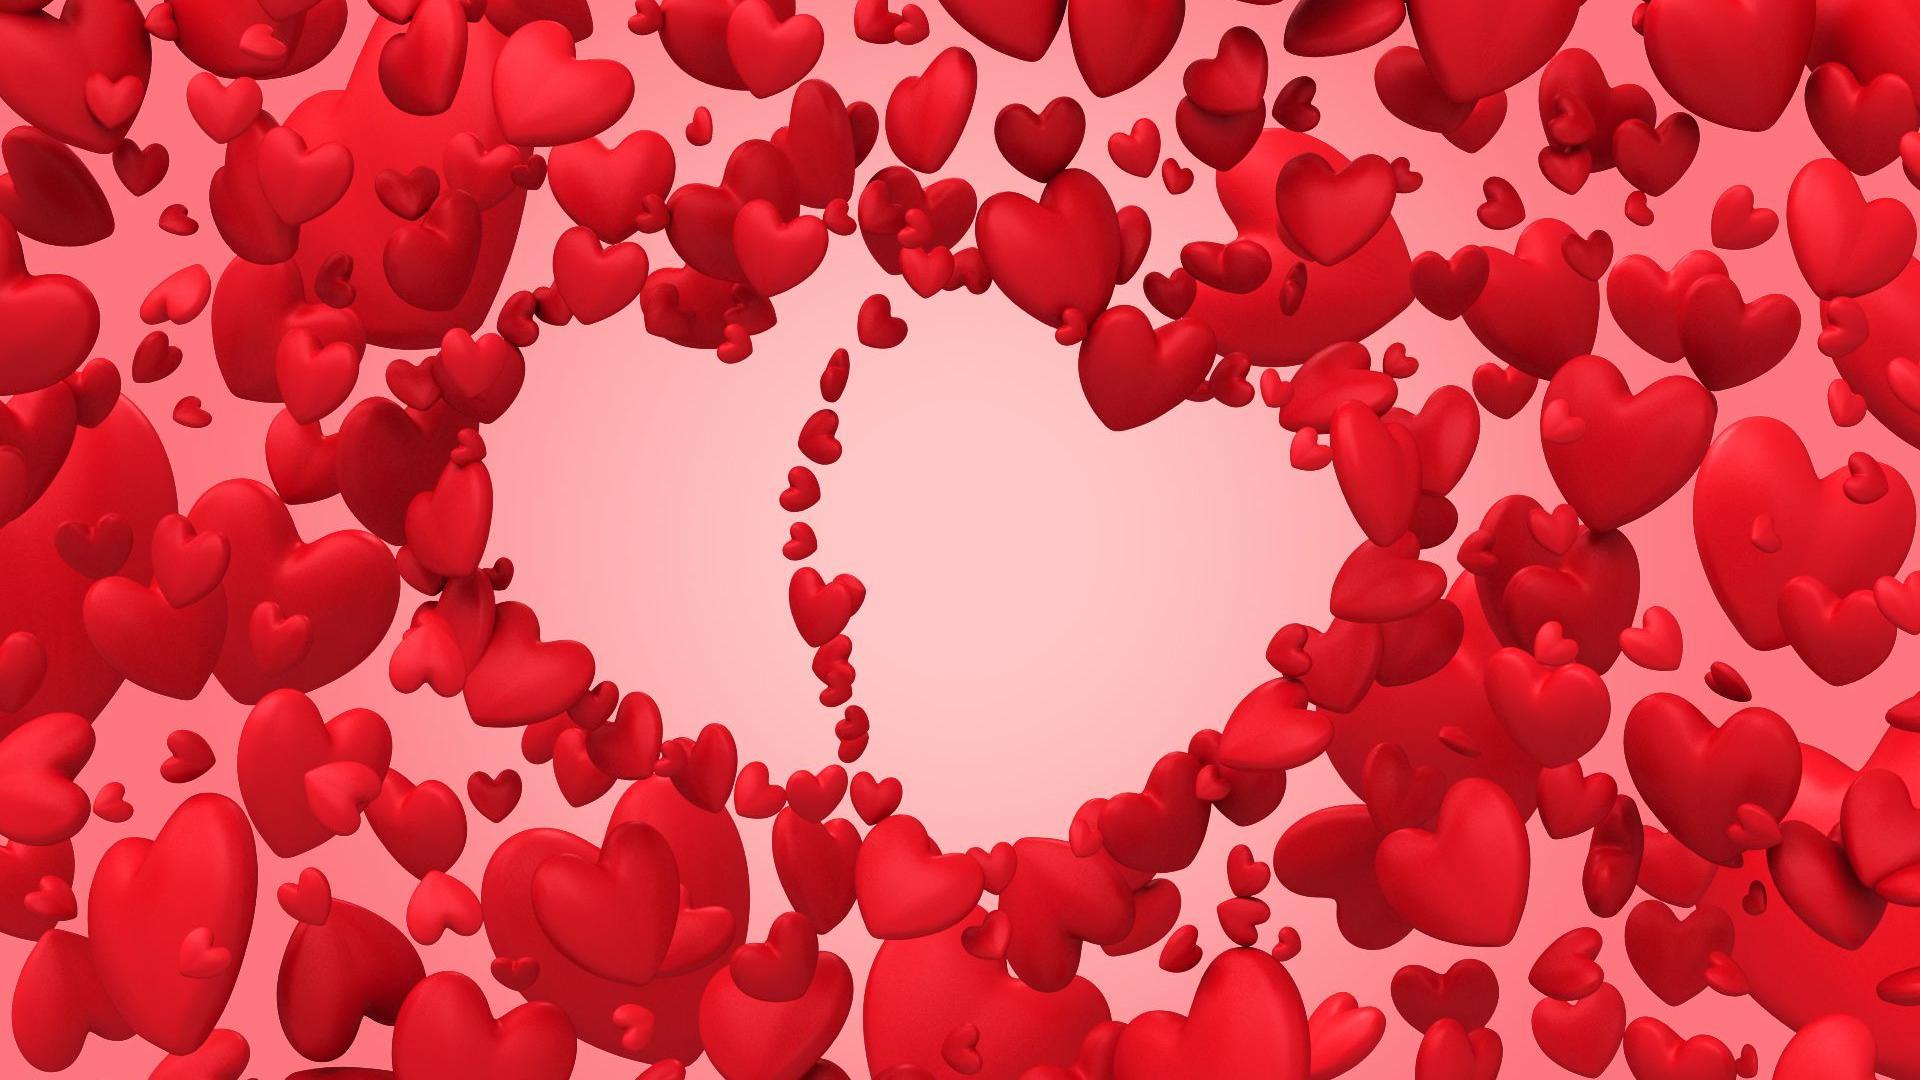 Картинки для фотошопа любовь романтика